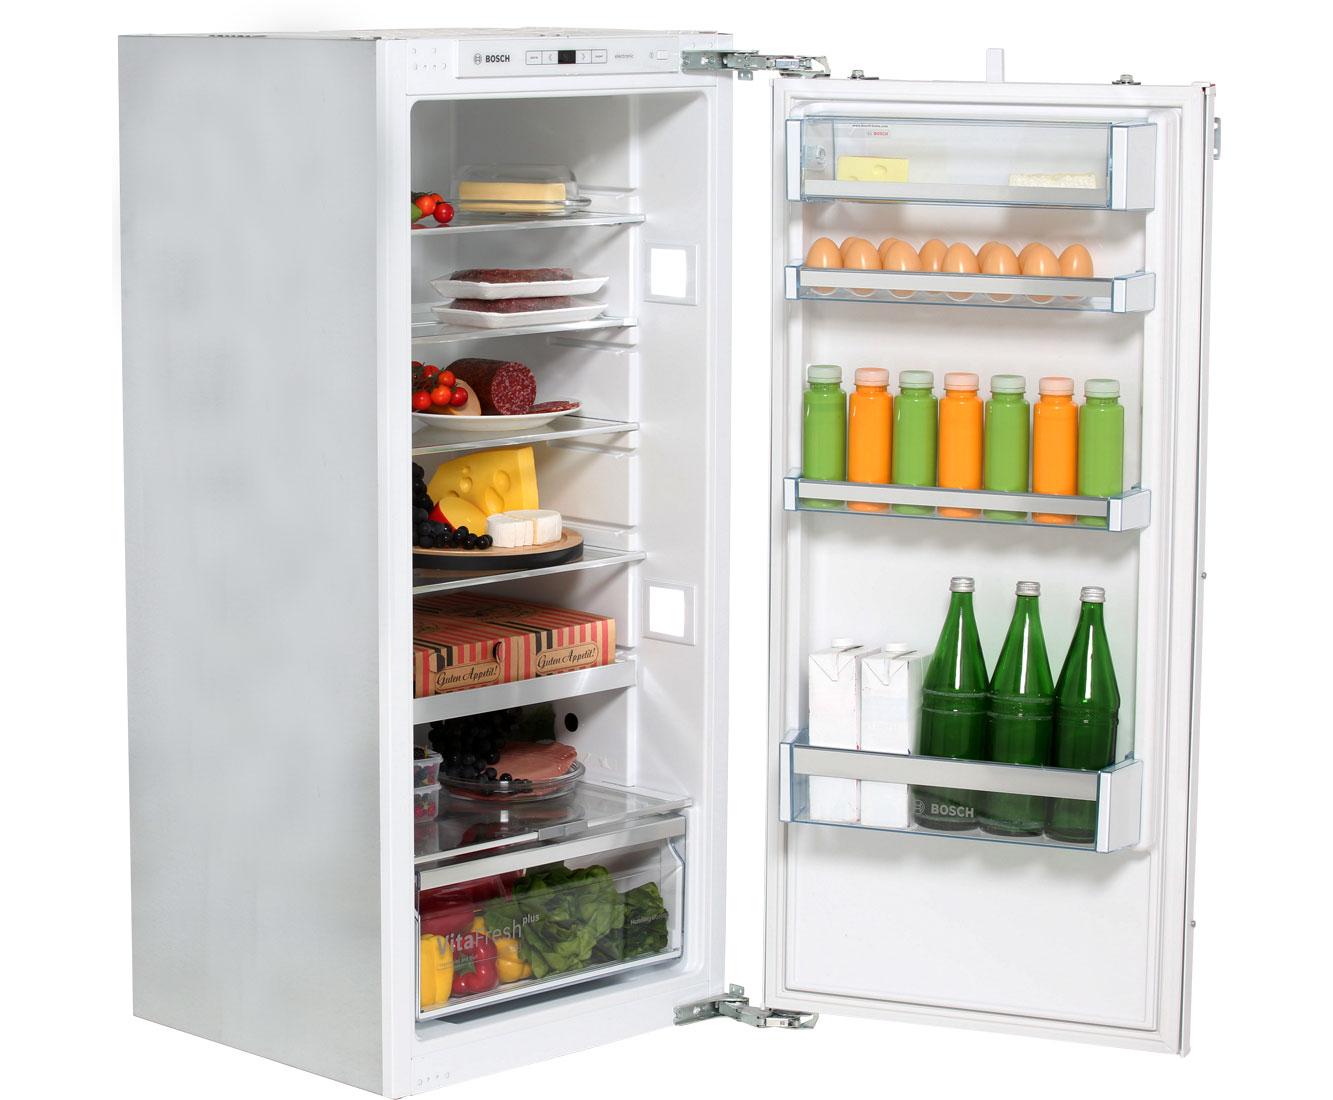 Bosch Kühlschrank Preise : Bosch kühlschrank scharnier preisvergleich u die besten angebote